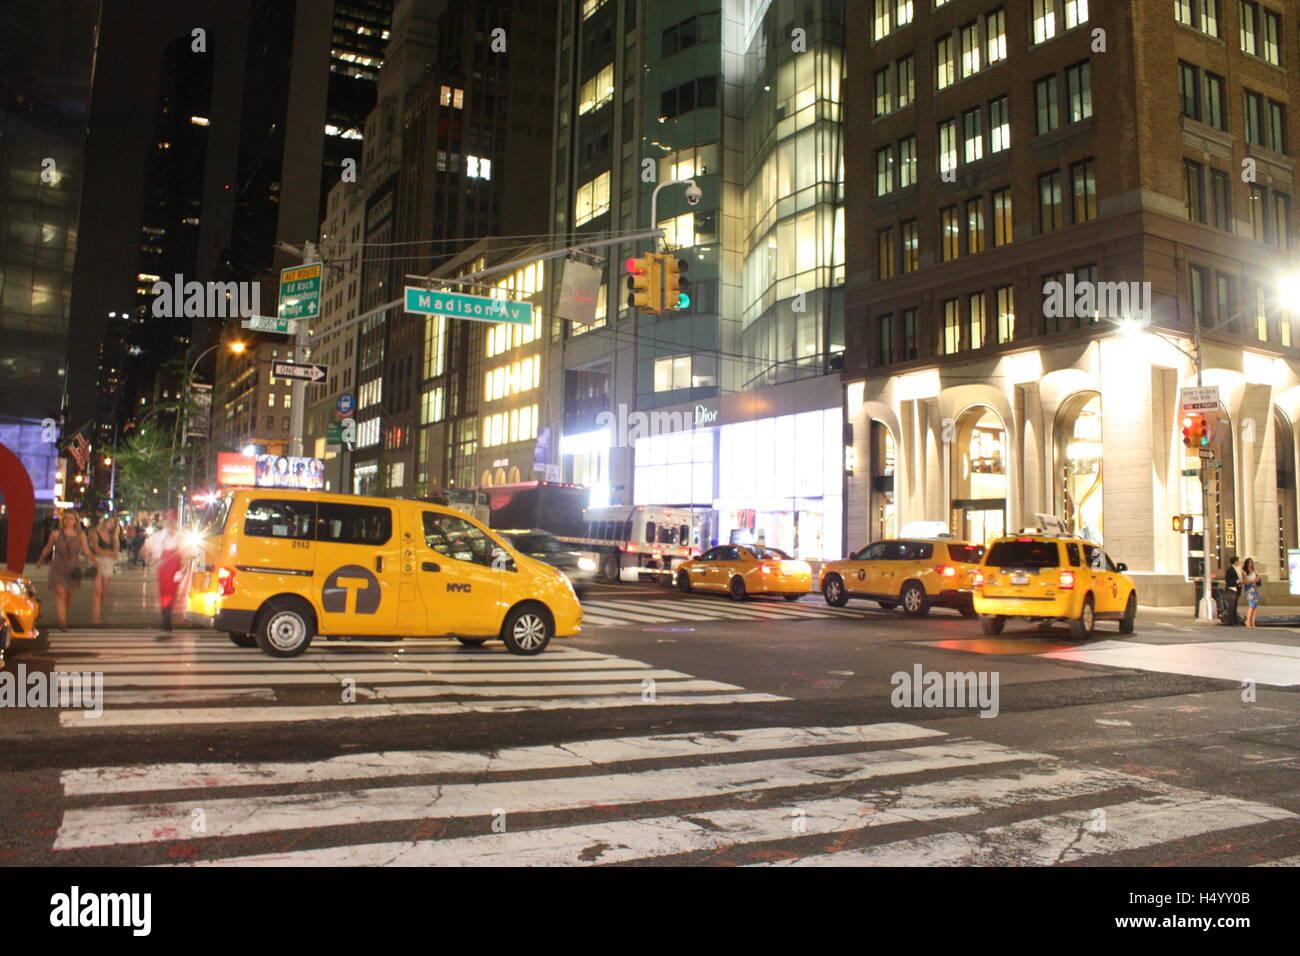 Carichi di giallo taxi di notte nella città di New York STATI UNITI D'AMERICA Immagini Stock